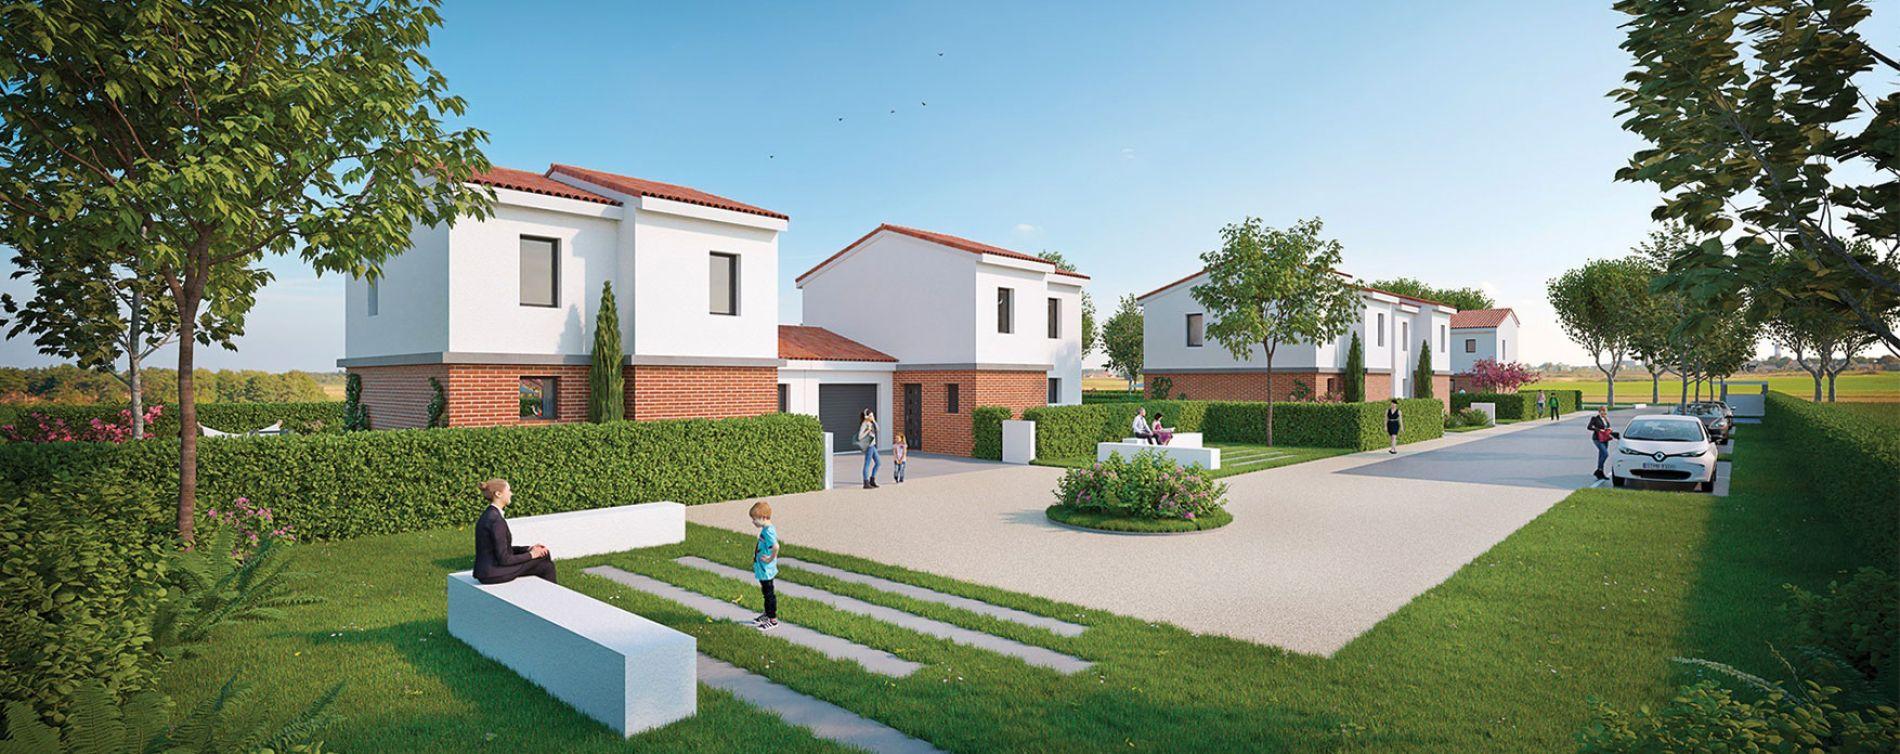 Plaisance-du-Touch : programme immobilier neuve « Résidence Saint Nicolas » (2)